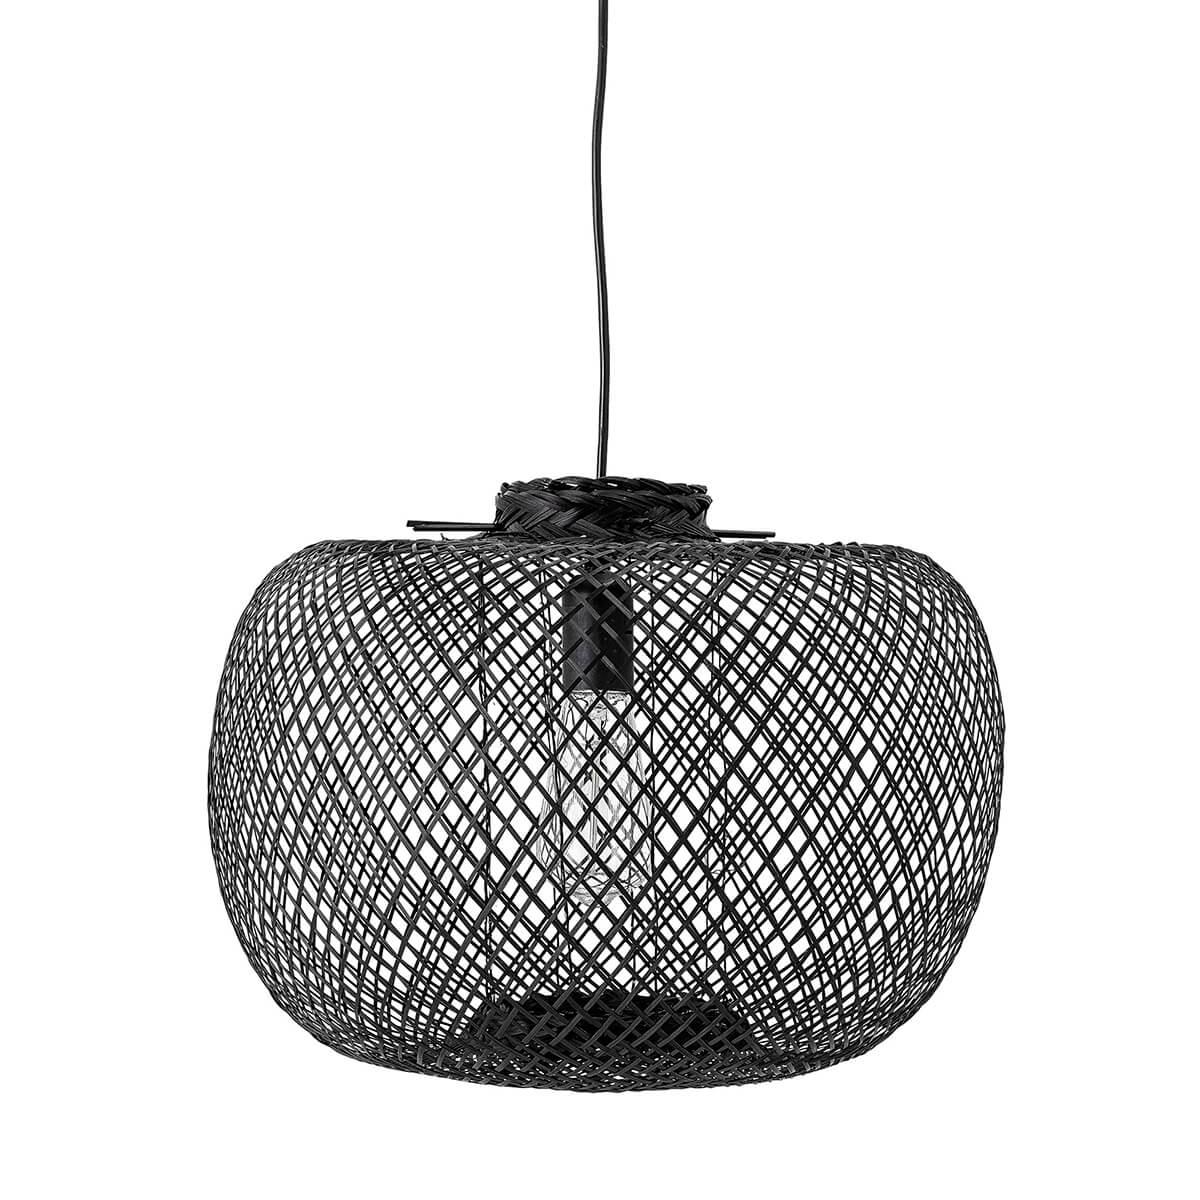 Fekete bambusz függőlámpa skandináv stílus természetesség minimalista megjelenés